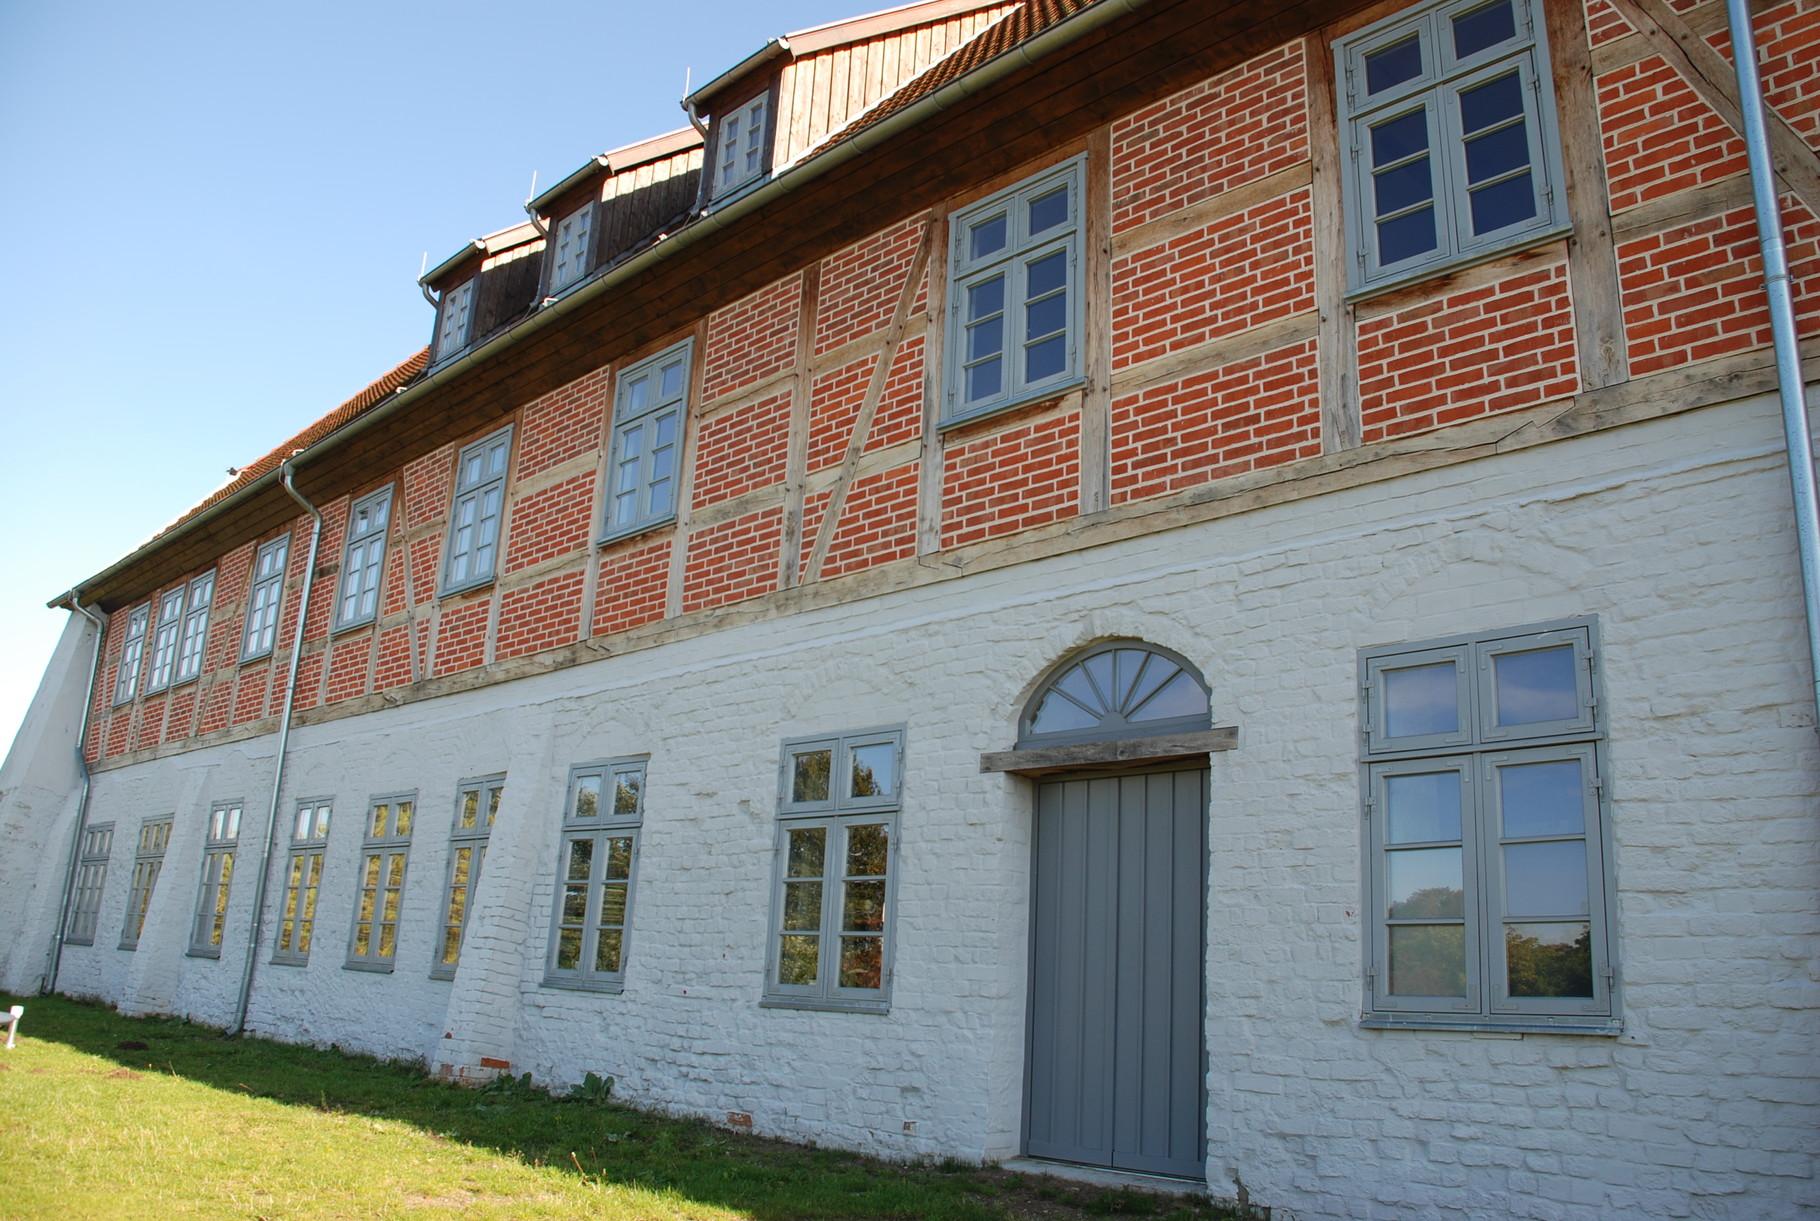 Erneuerung Türen und Fenster Burg Neustadt-Glewe